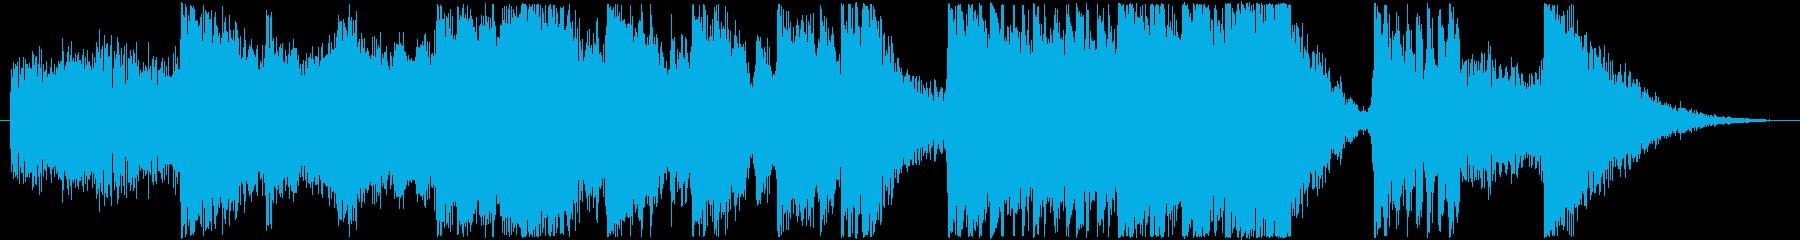 エレクトロ 交響曲 緊張感 野生 ...の再生済みの波形